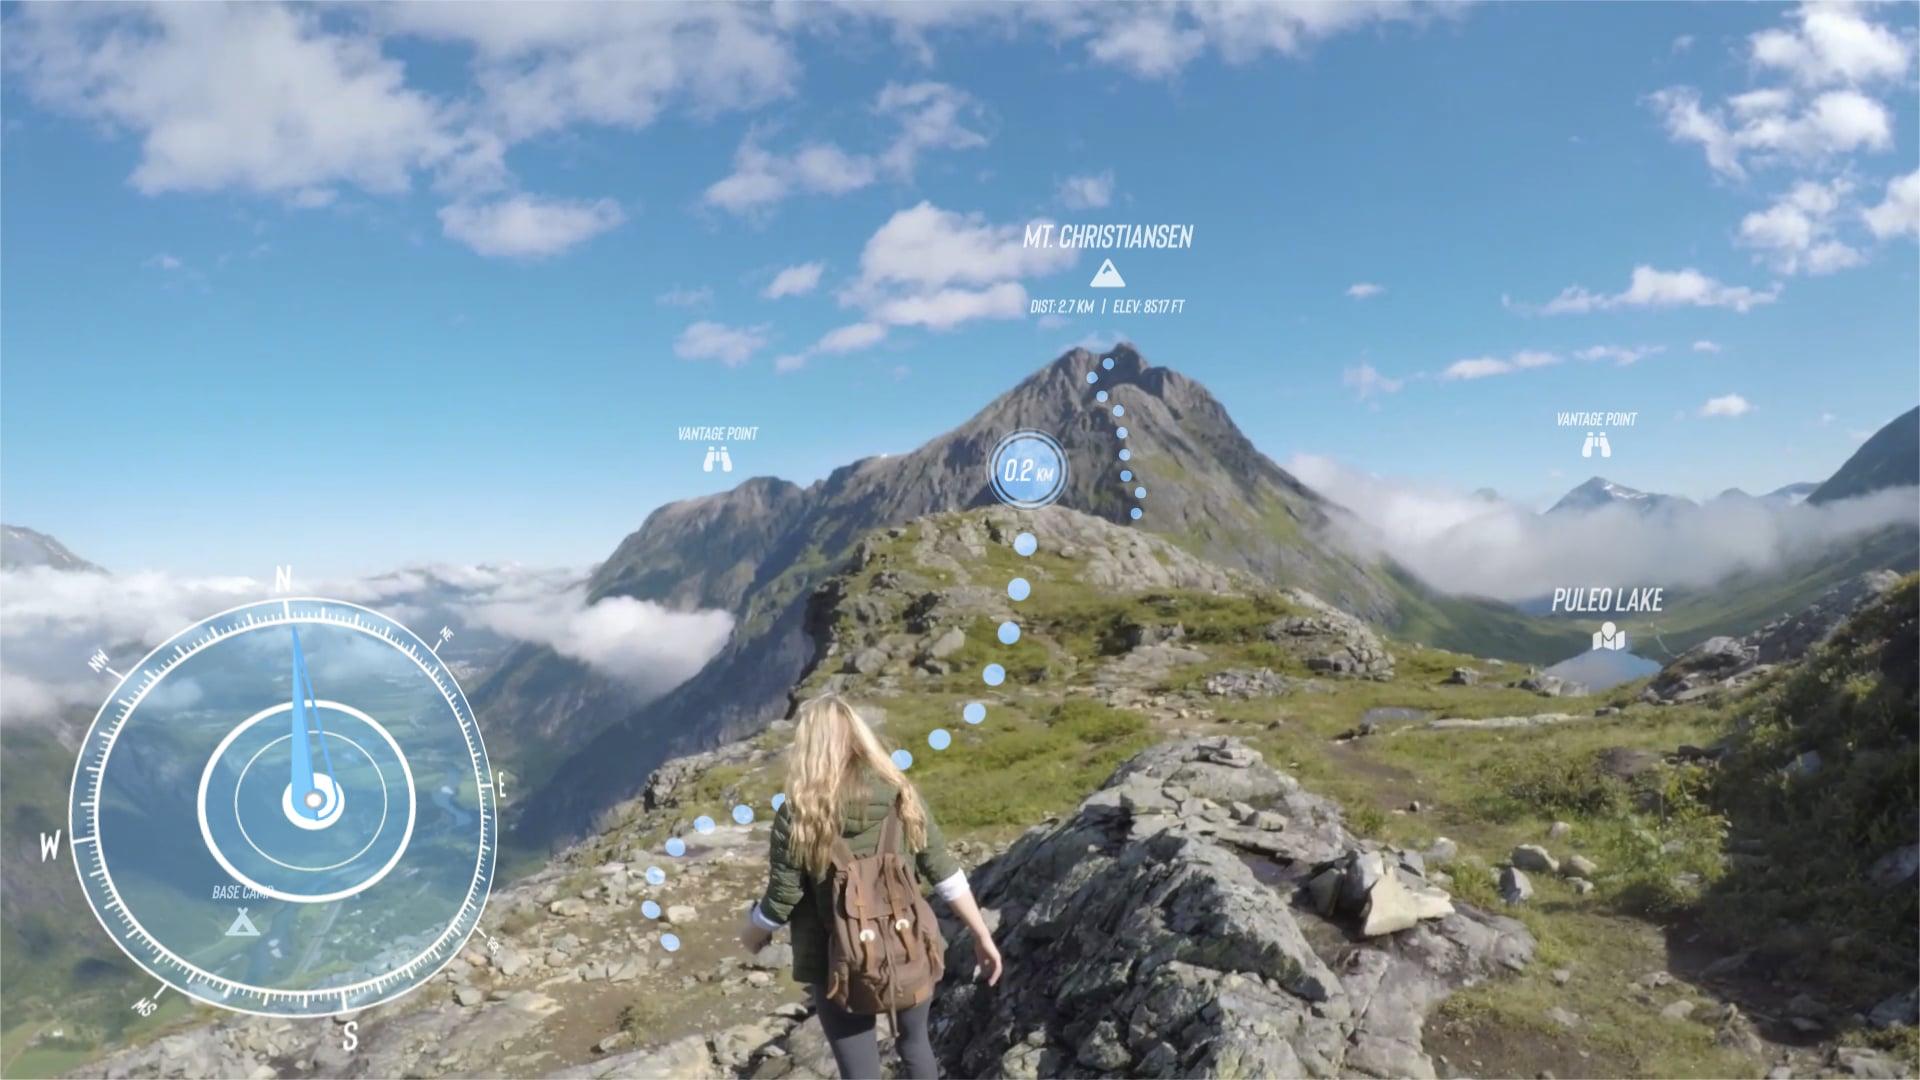 Wandervideo mit Augmented Reality Überlagerungen